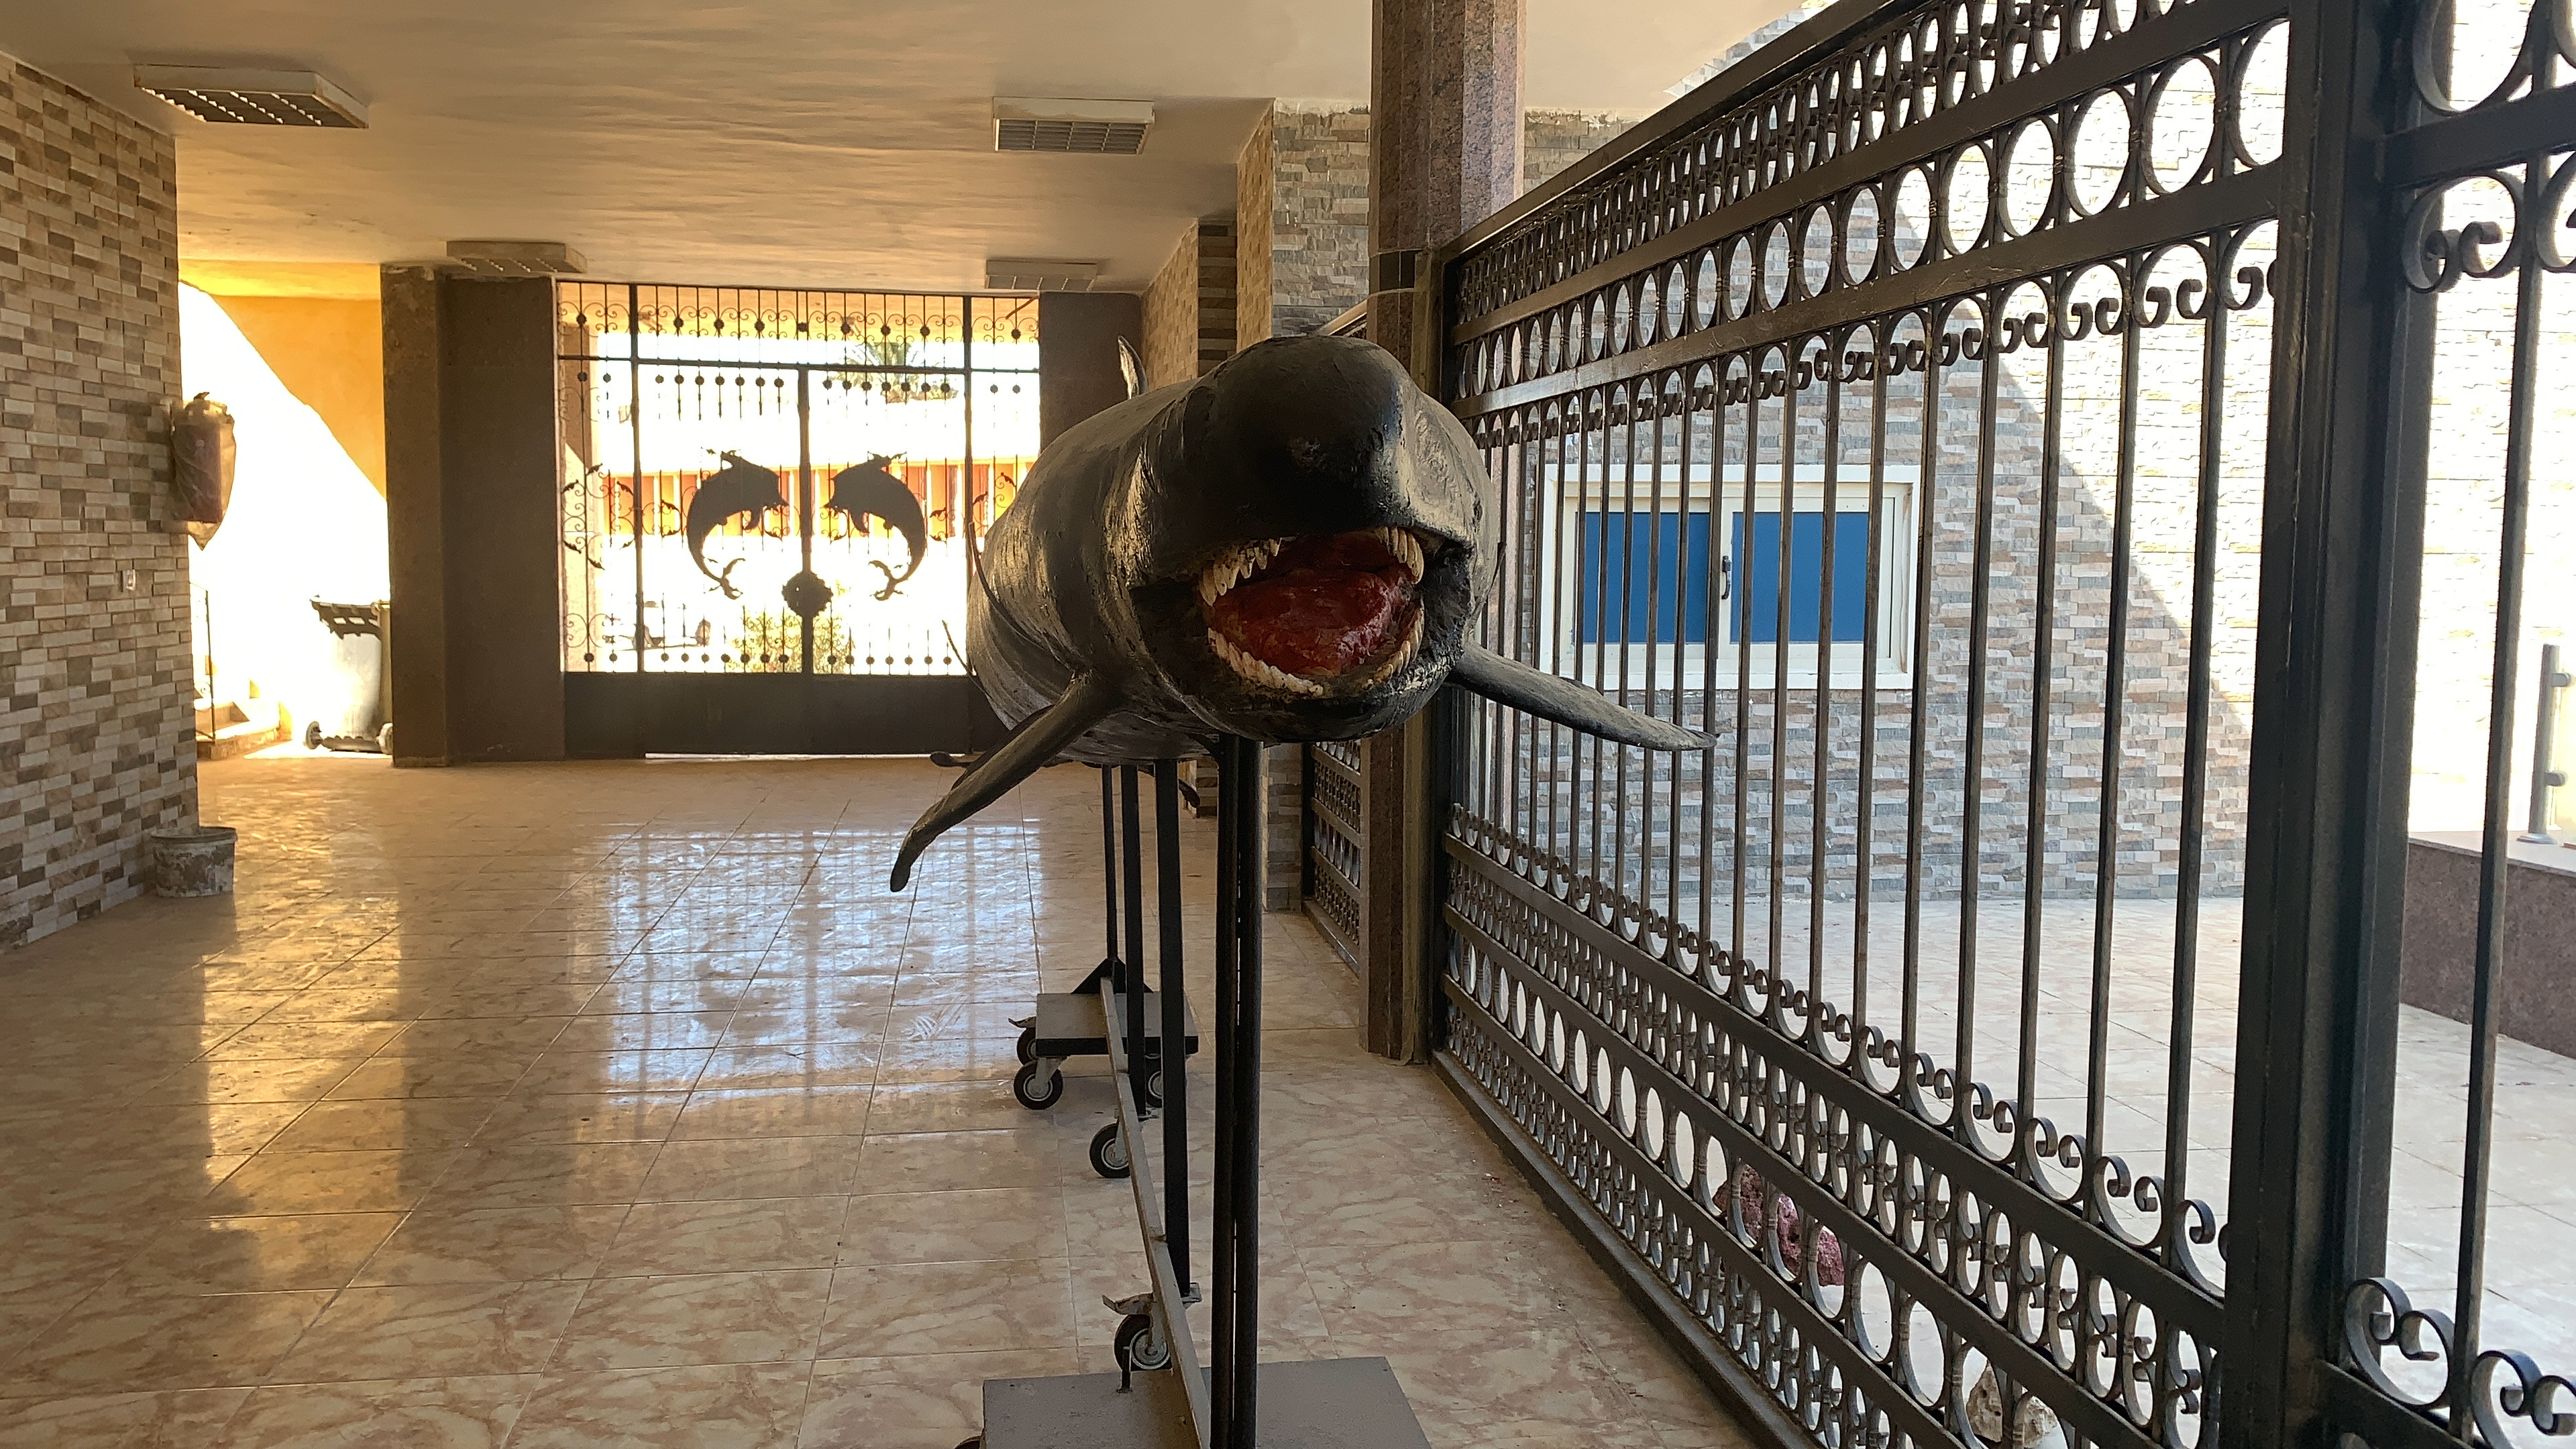 الدولفين القاتل الكاذب بمعهد علوم البحار  (3)